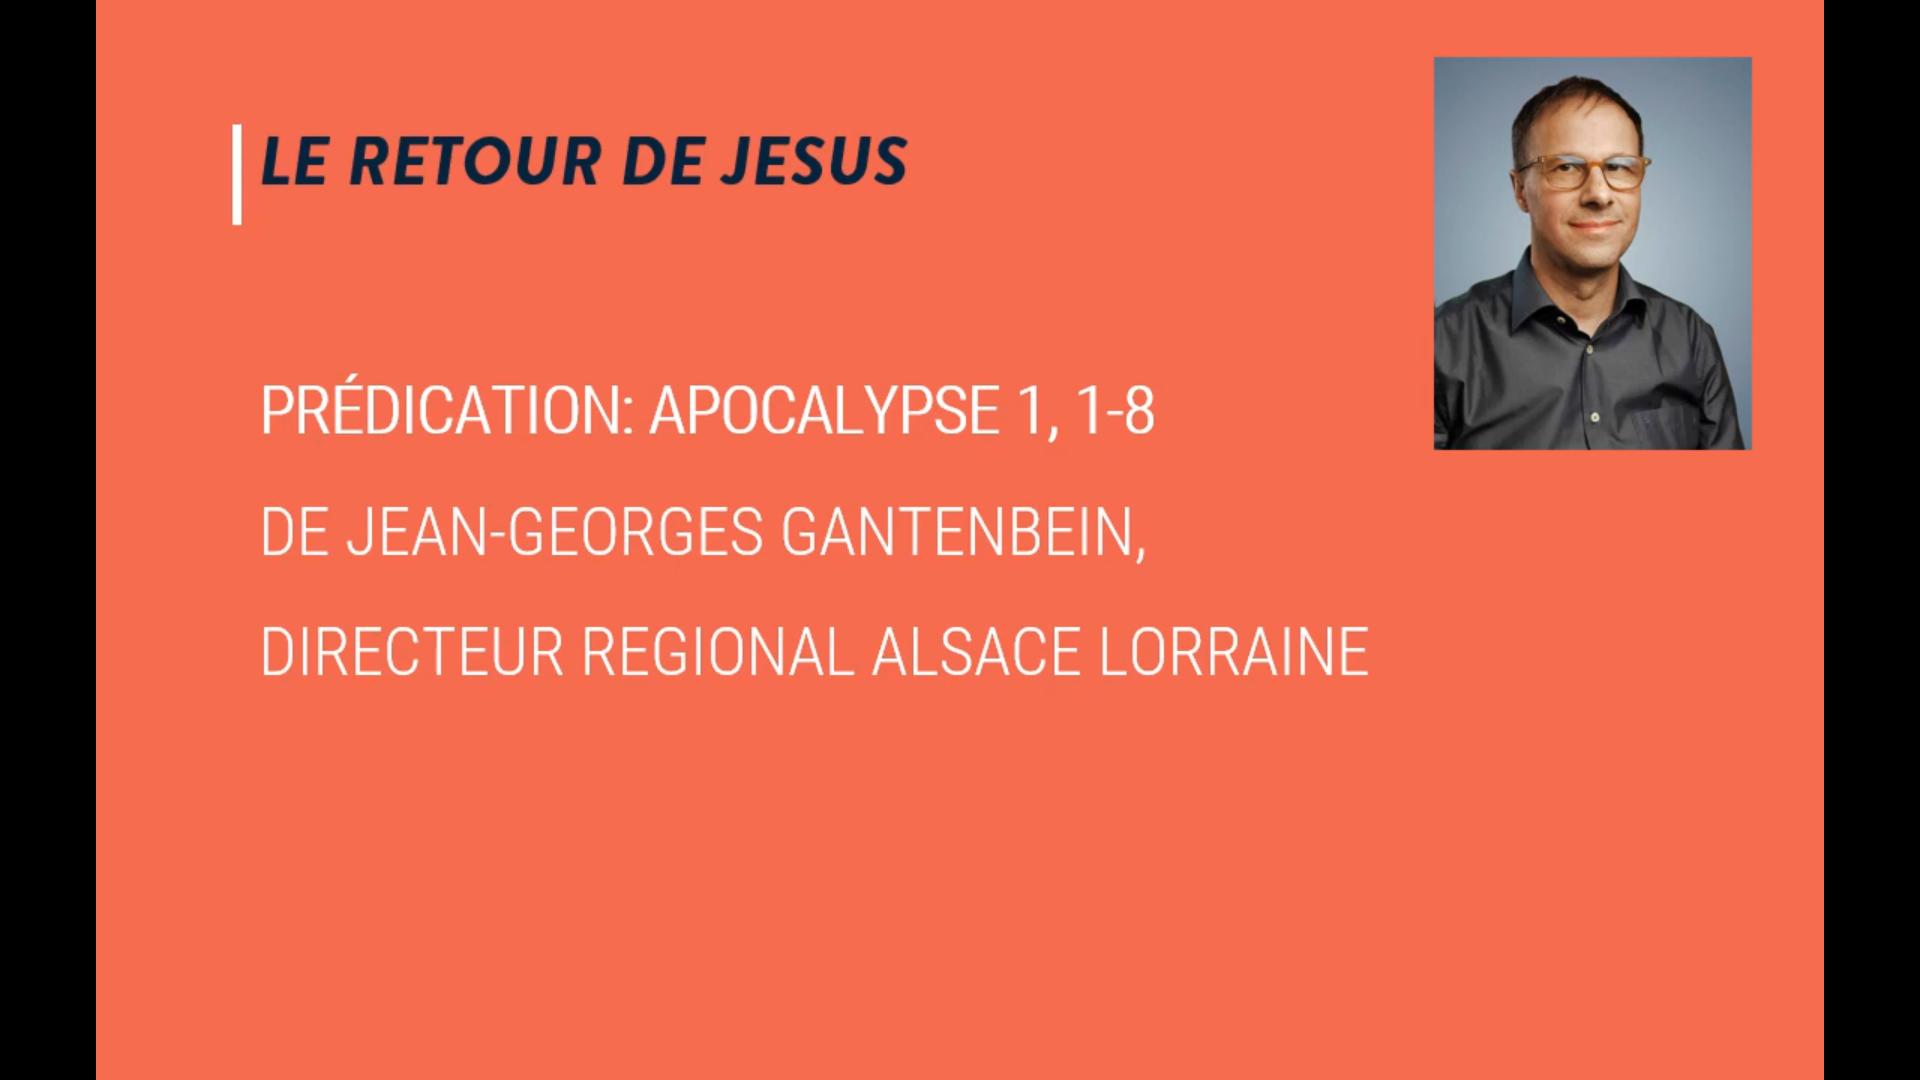 Apocalypse 1.1-8